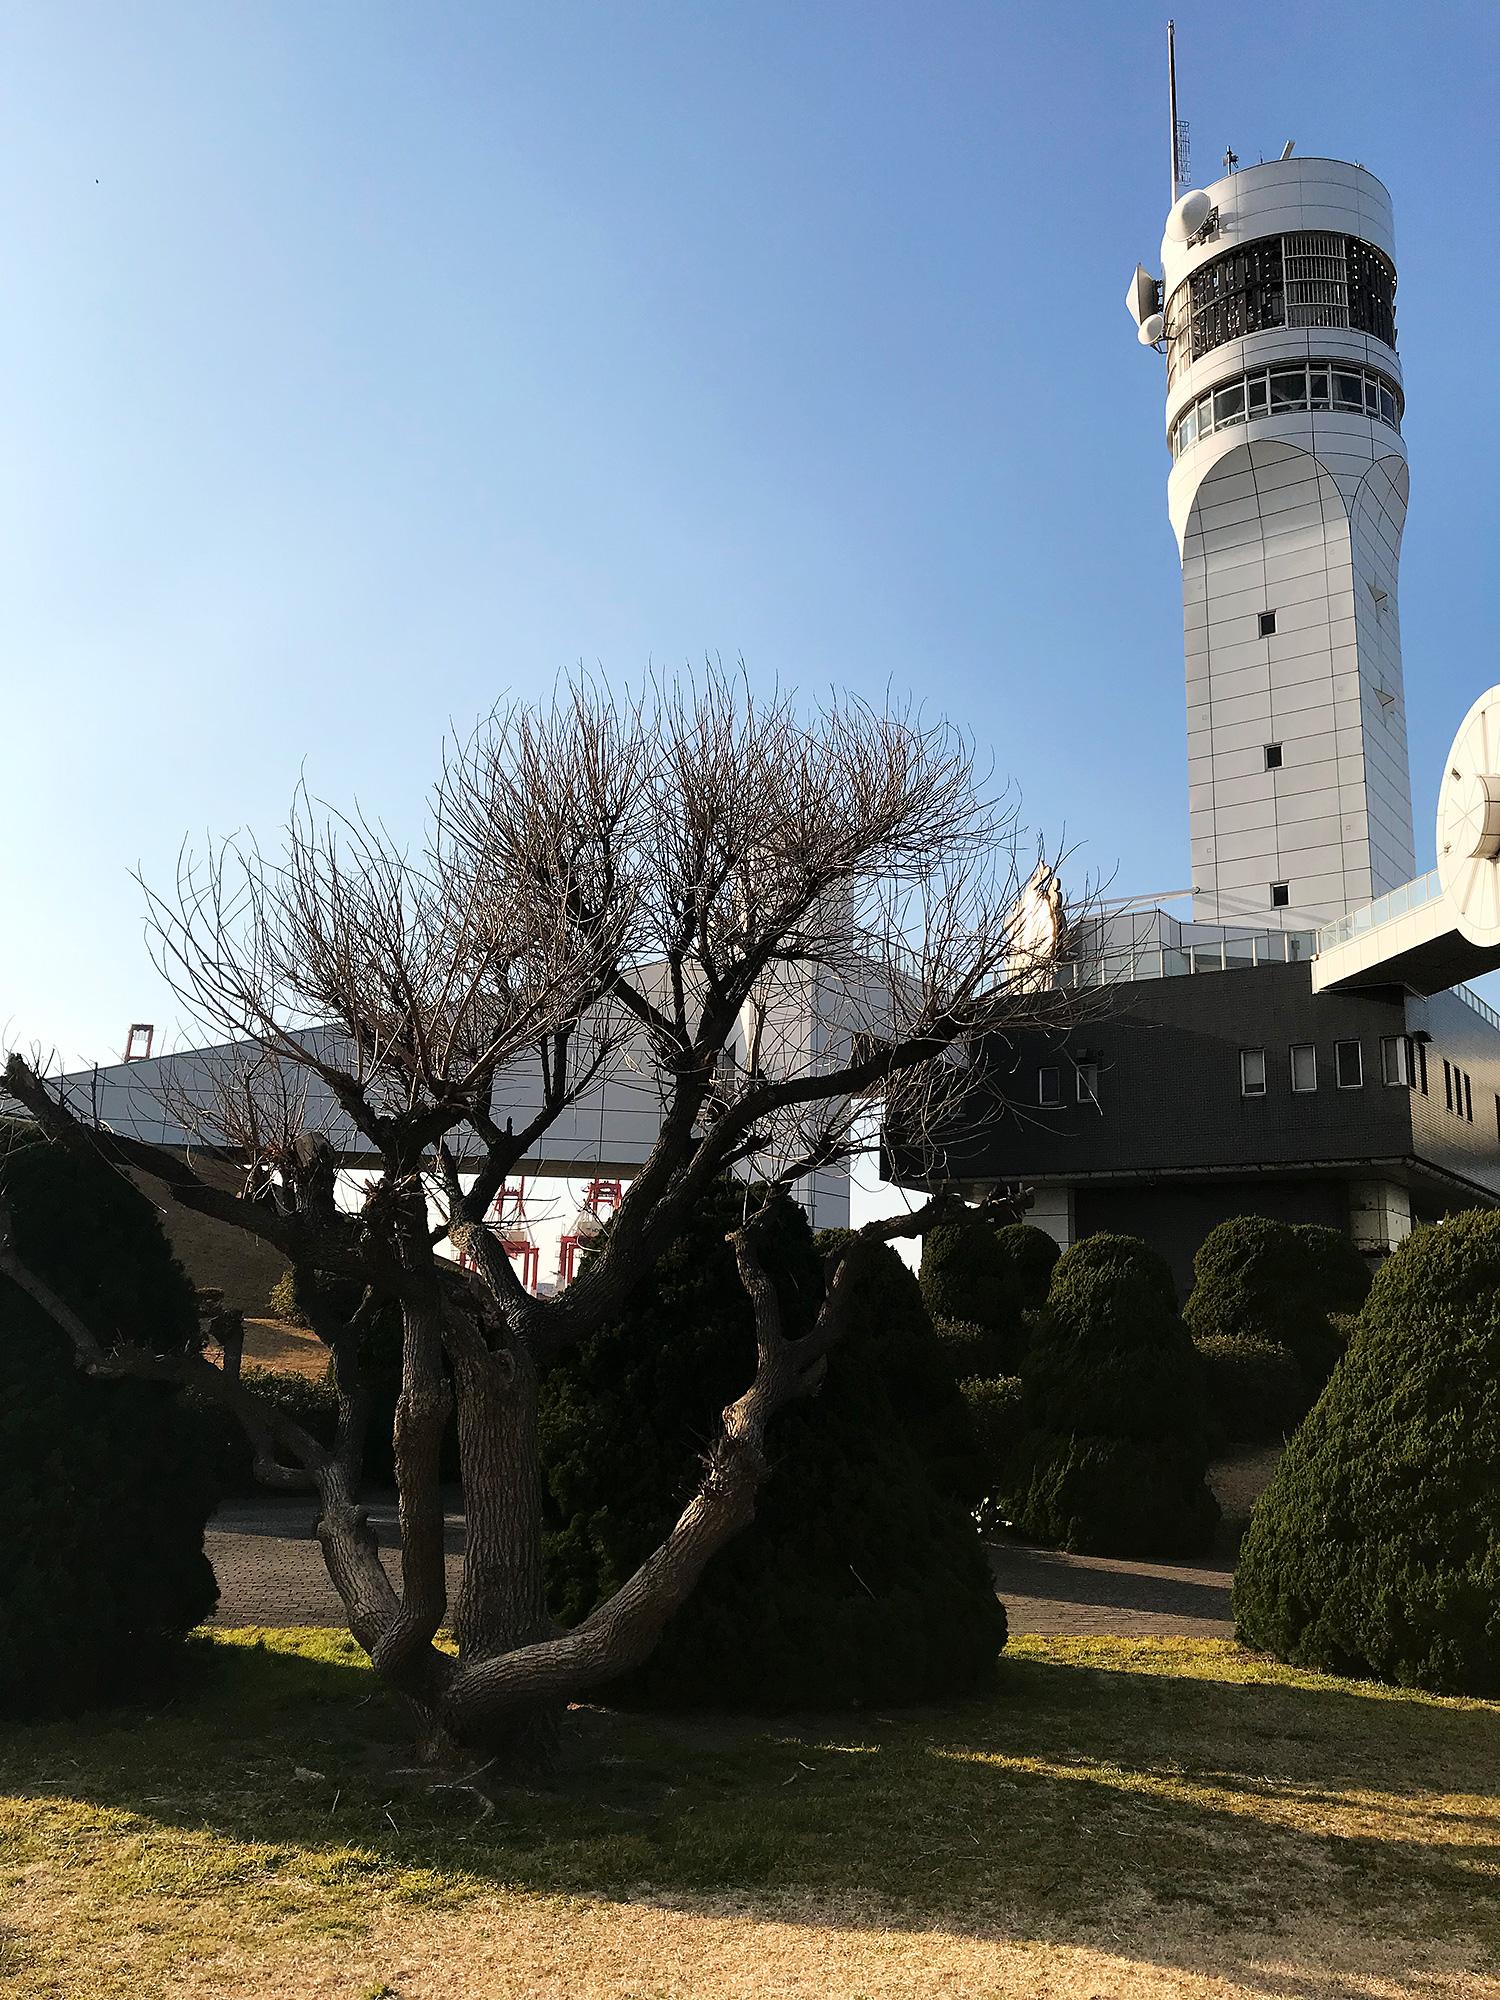 横浜港シンボルタワーの写真の無料画像素材